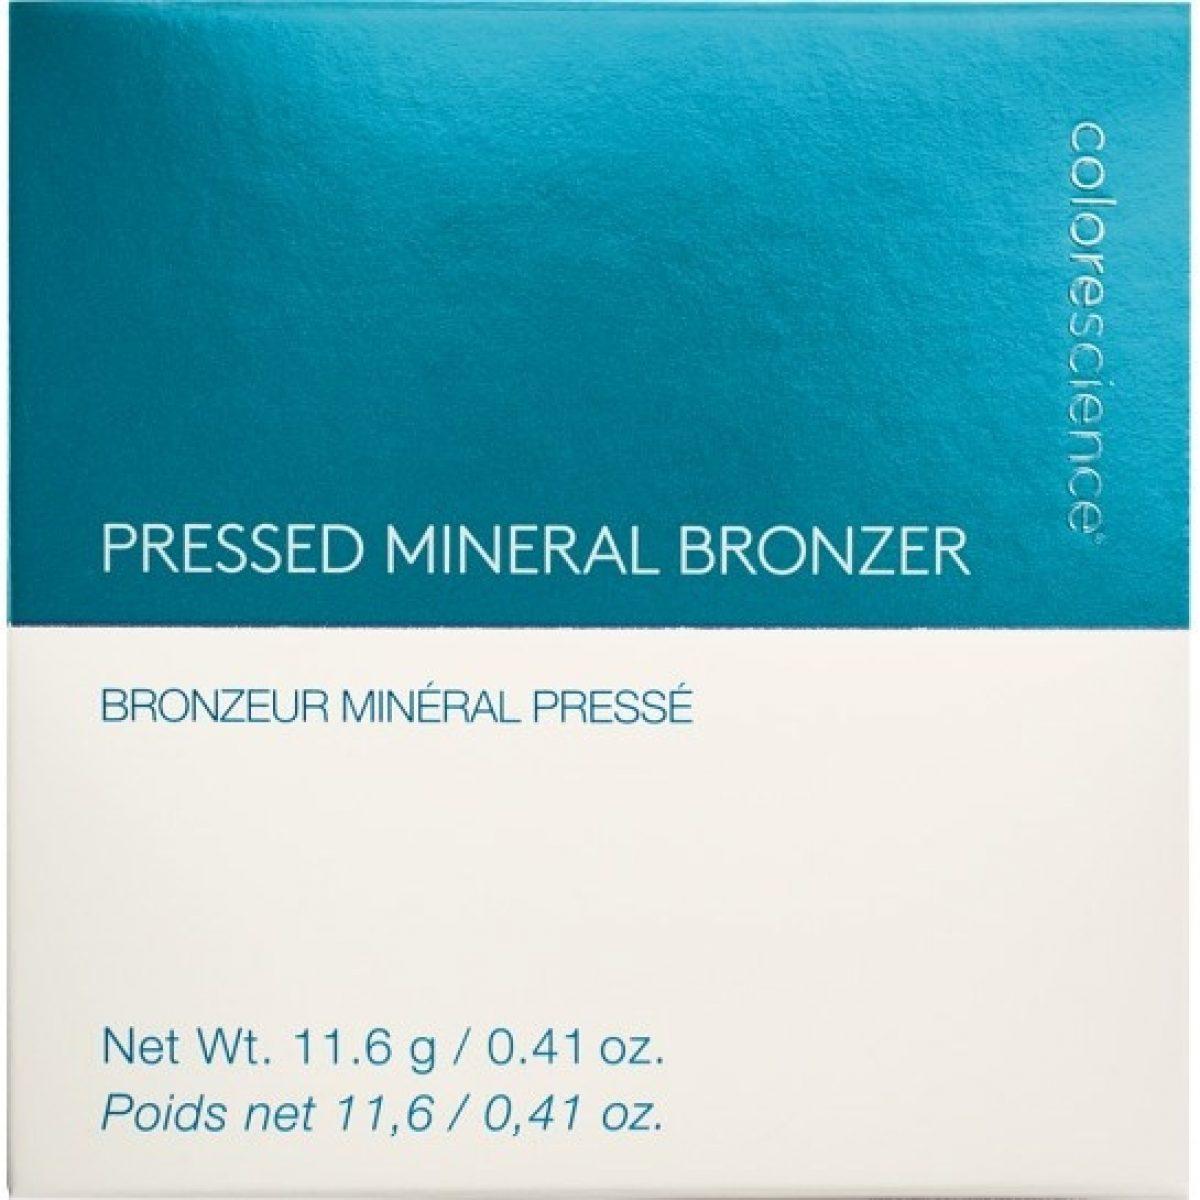 PRESSED MINERAL BRONZER